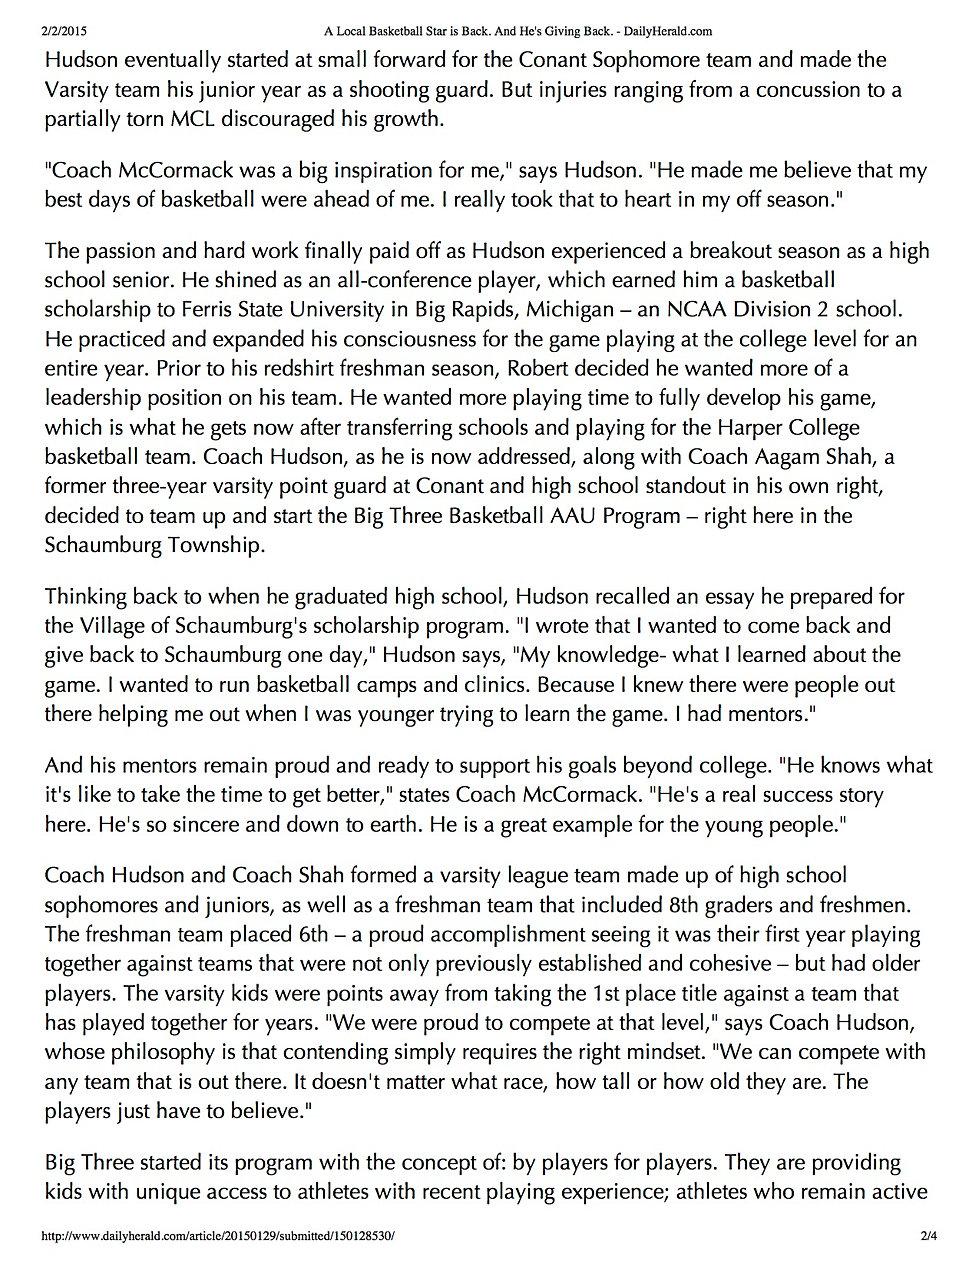 big 3 basketball news pg 2